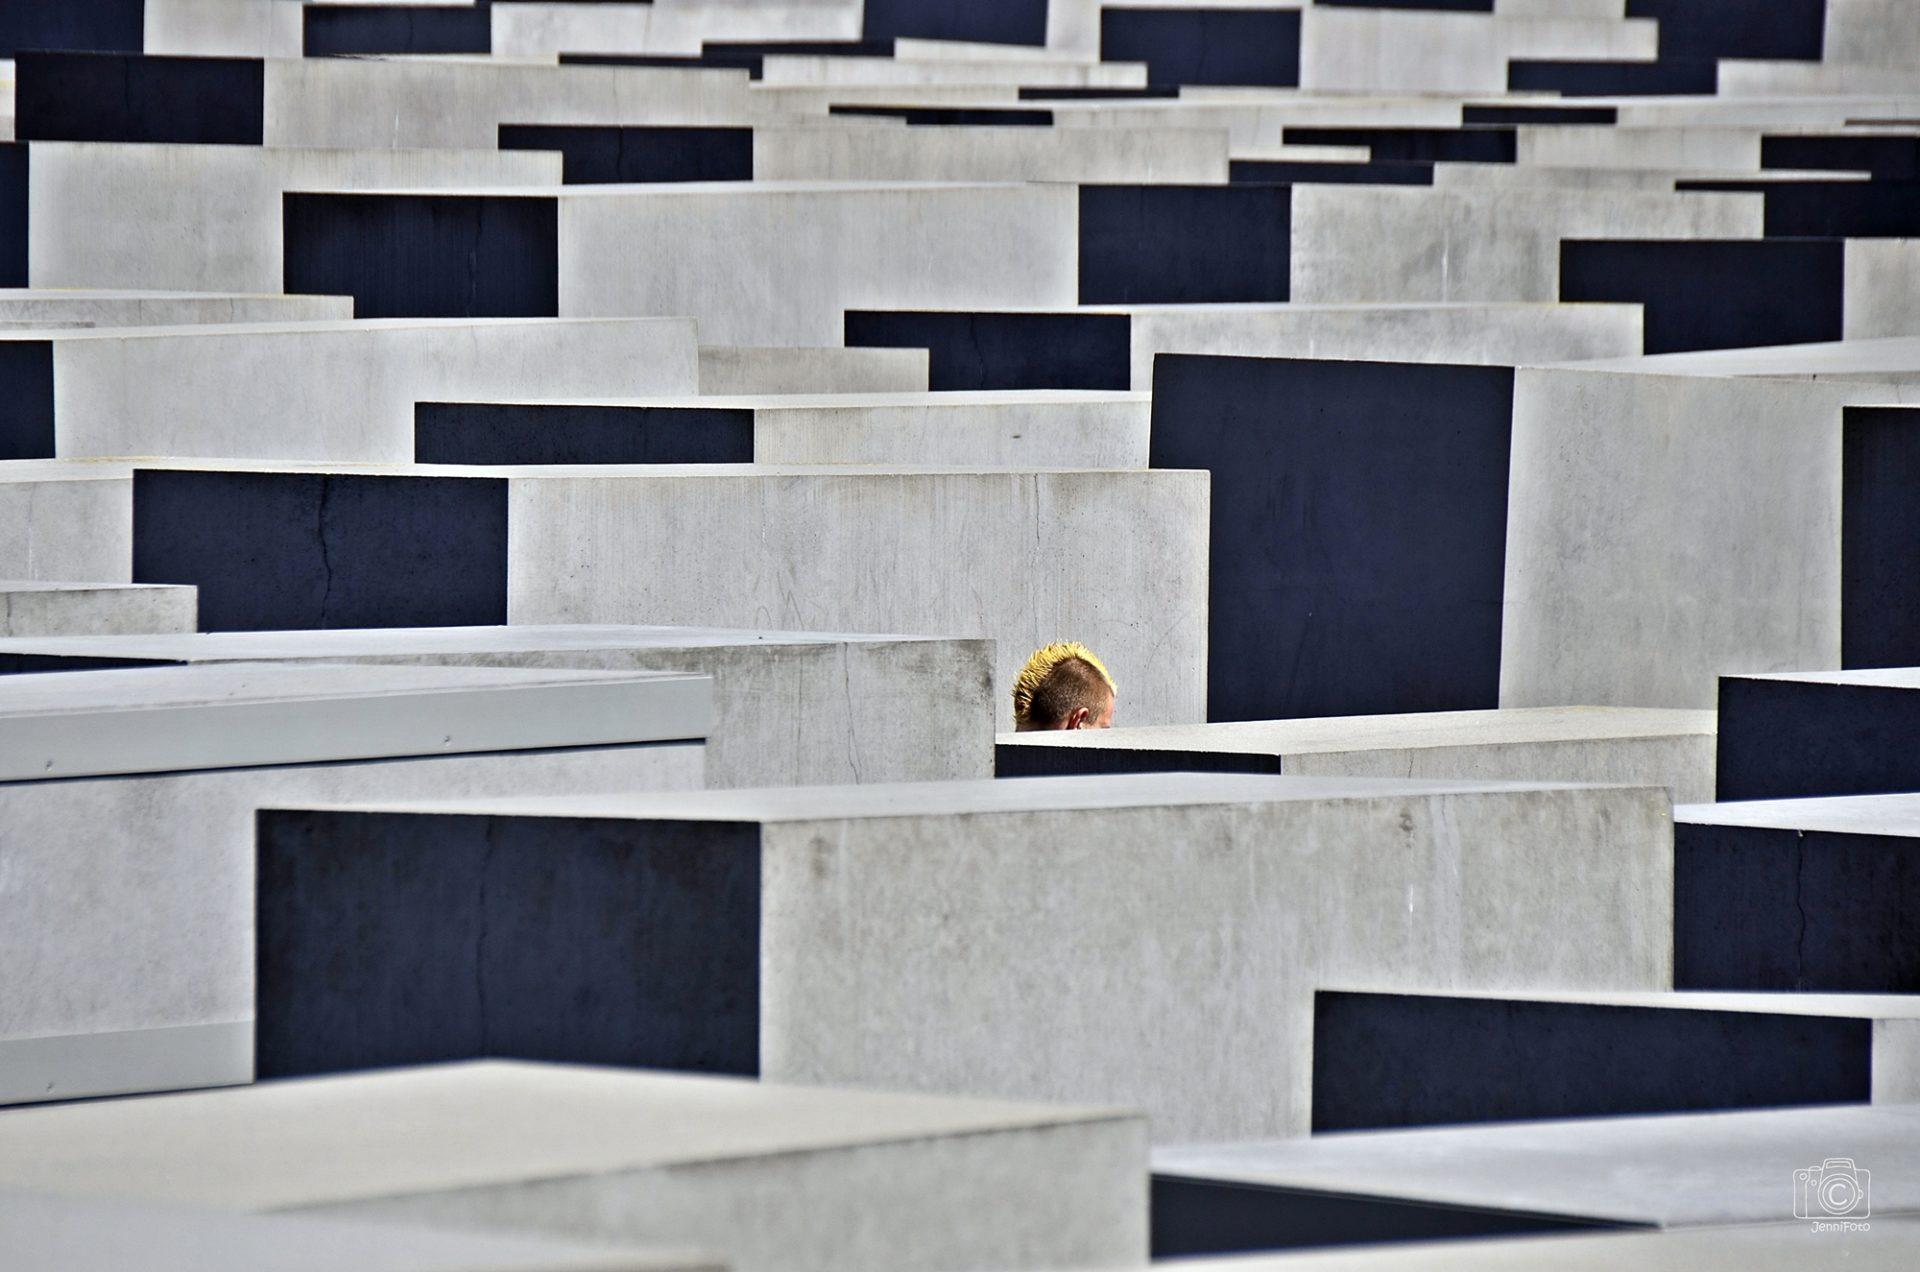 【博物之島專文】轉型正義是一場馬拉松—從德國經驗看人權教育的實務挑戰